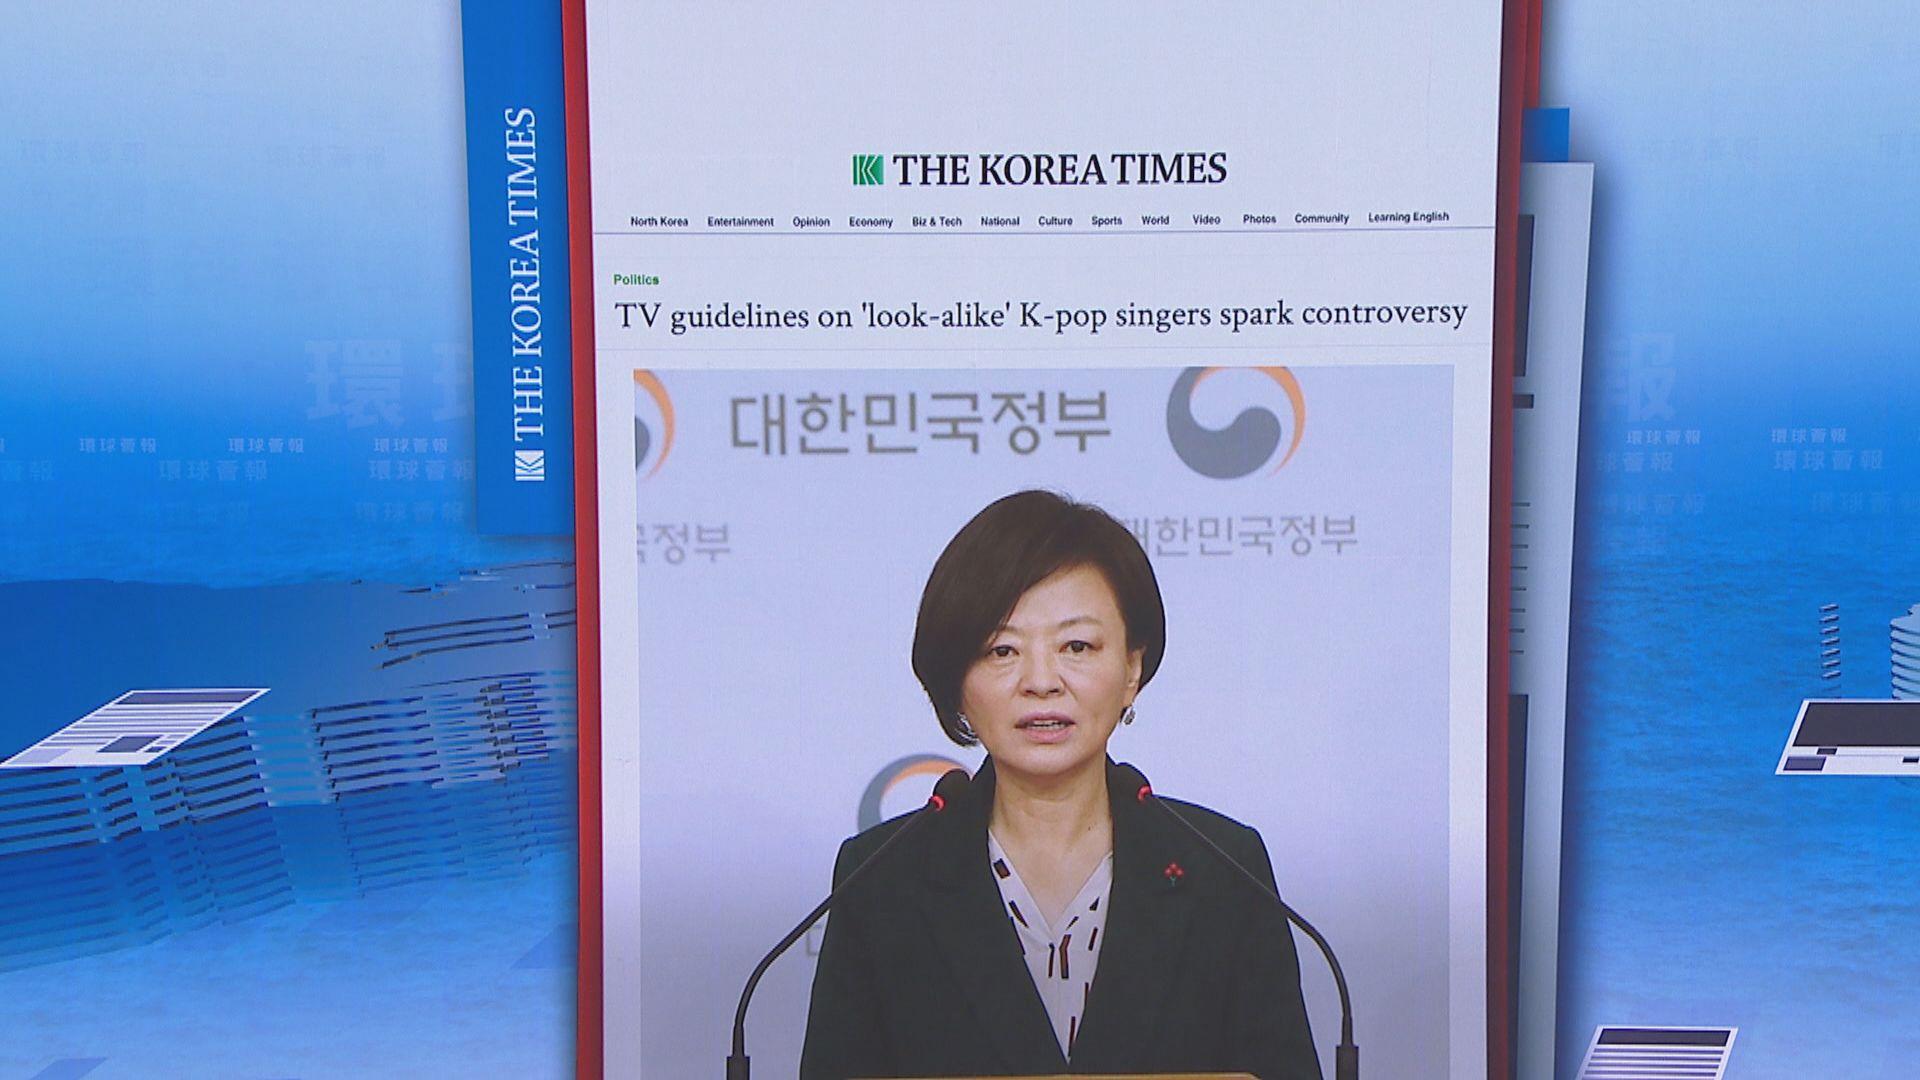 【環球薈報】南韓當局推指引限制樣貌相似藝人演出